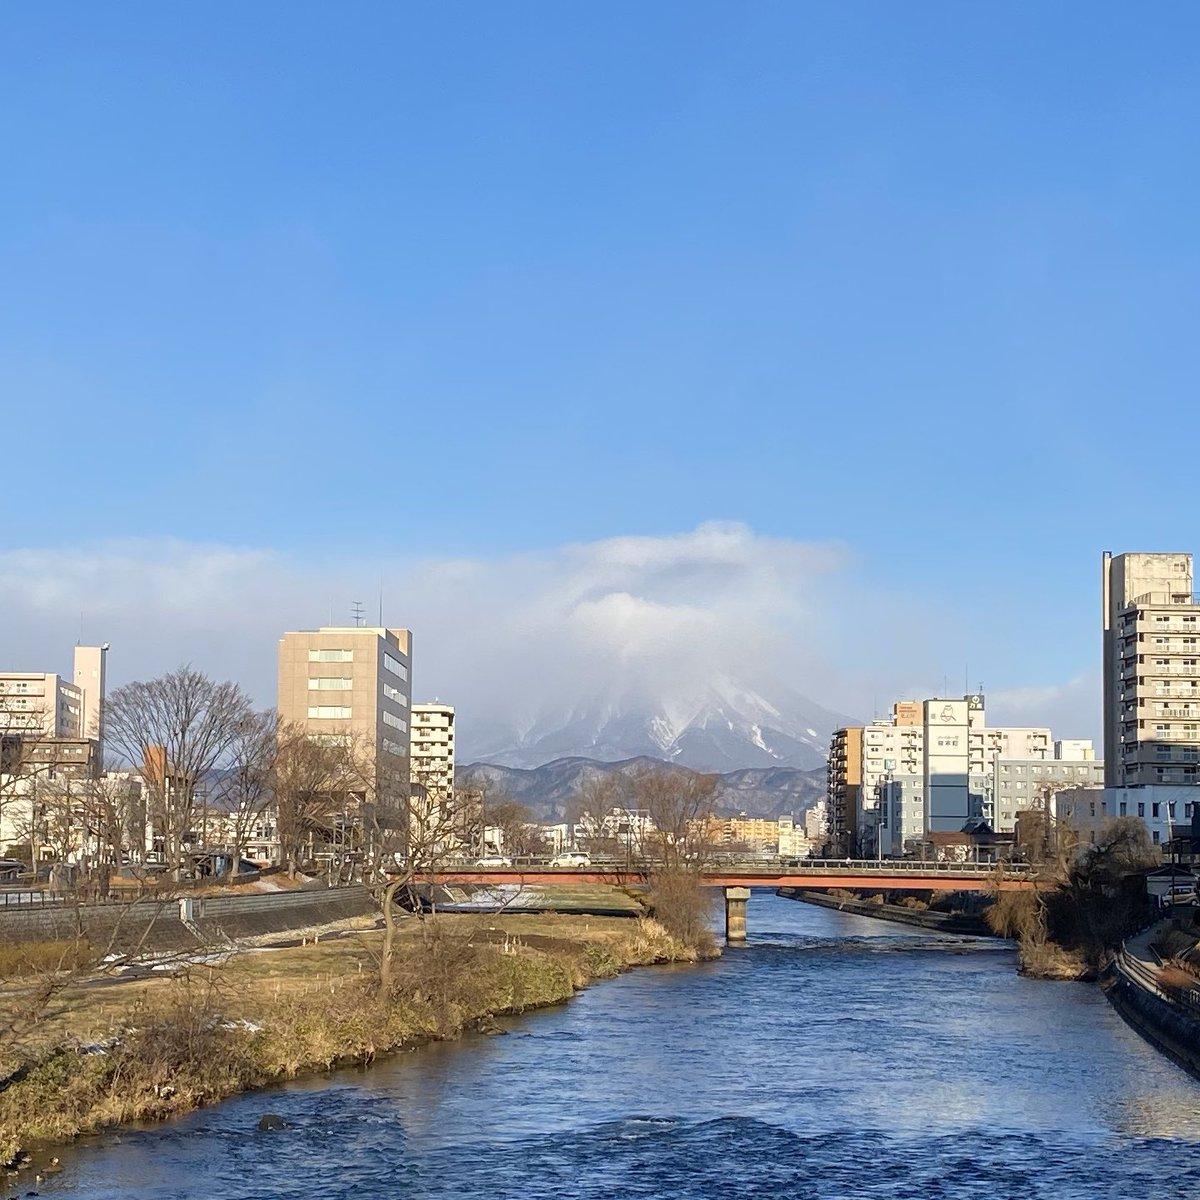 2019/12/24 盛岡市の開運橋から撮影。みなさま、体調管理に気をつけてお過ごしください。 #岩手 #盛岡 #北上川 #岩手山 #岩手においでよ #クリスマスイブ